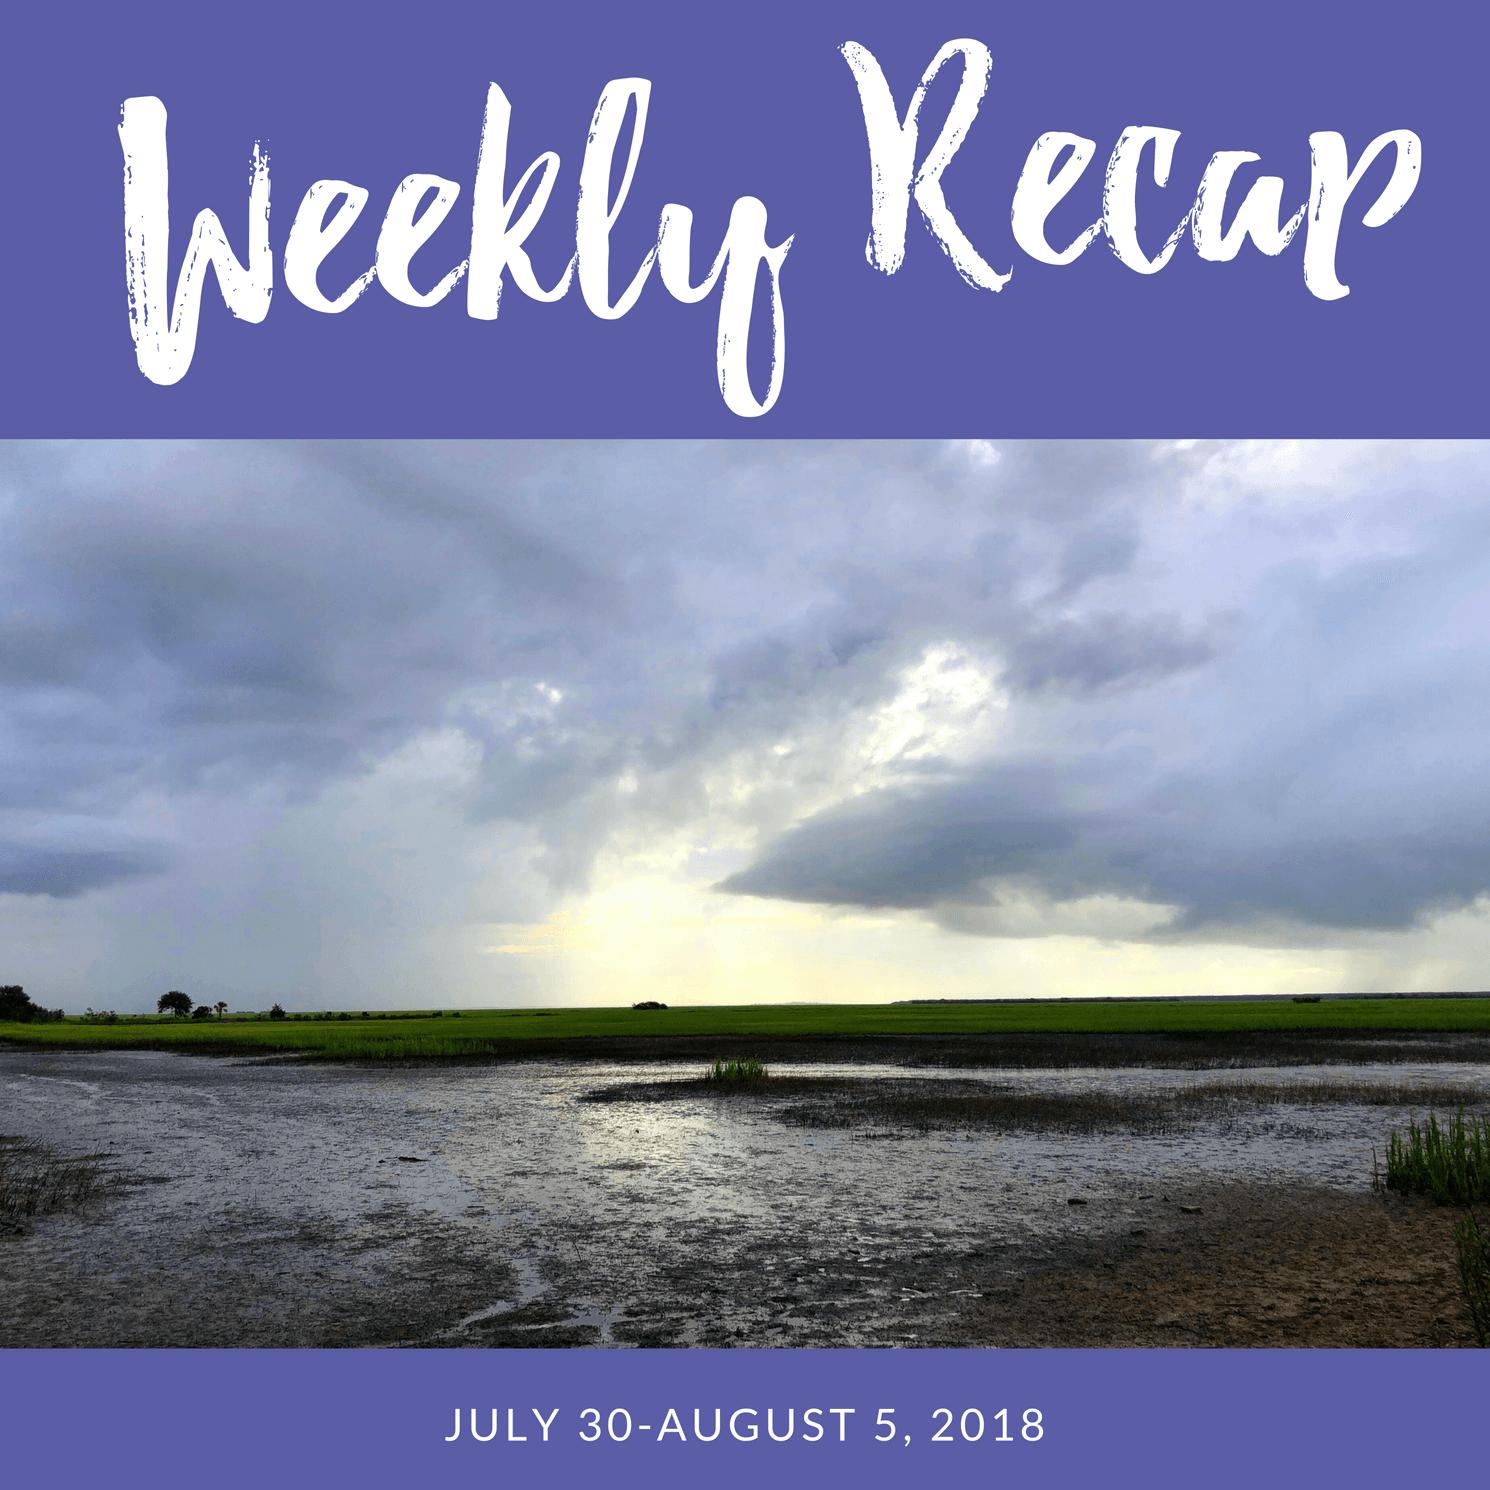 weekly recap july 30-august 5 2018